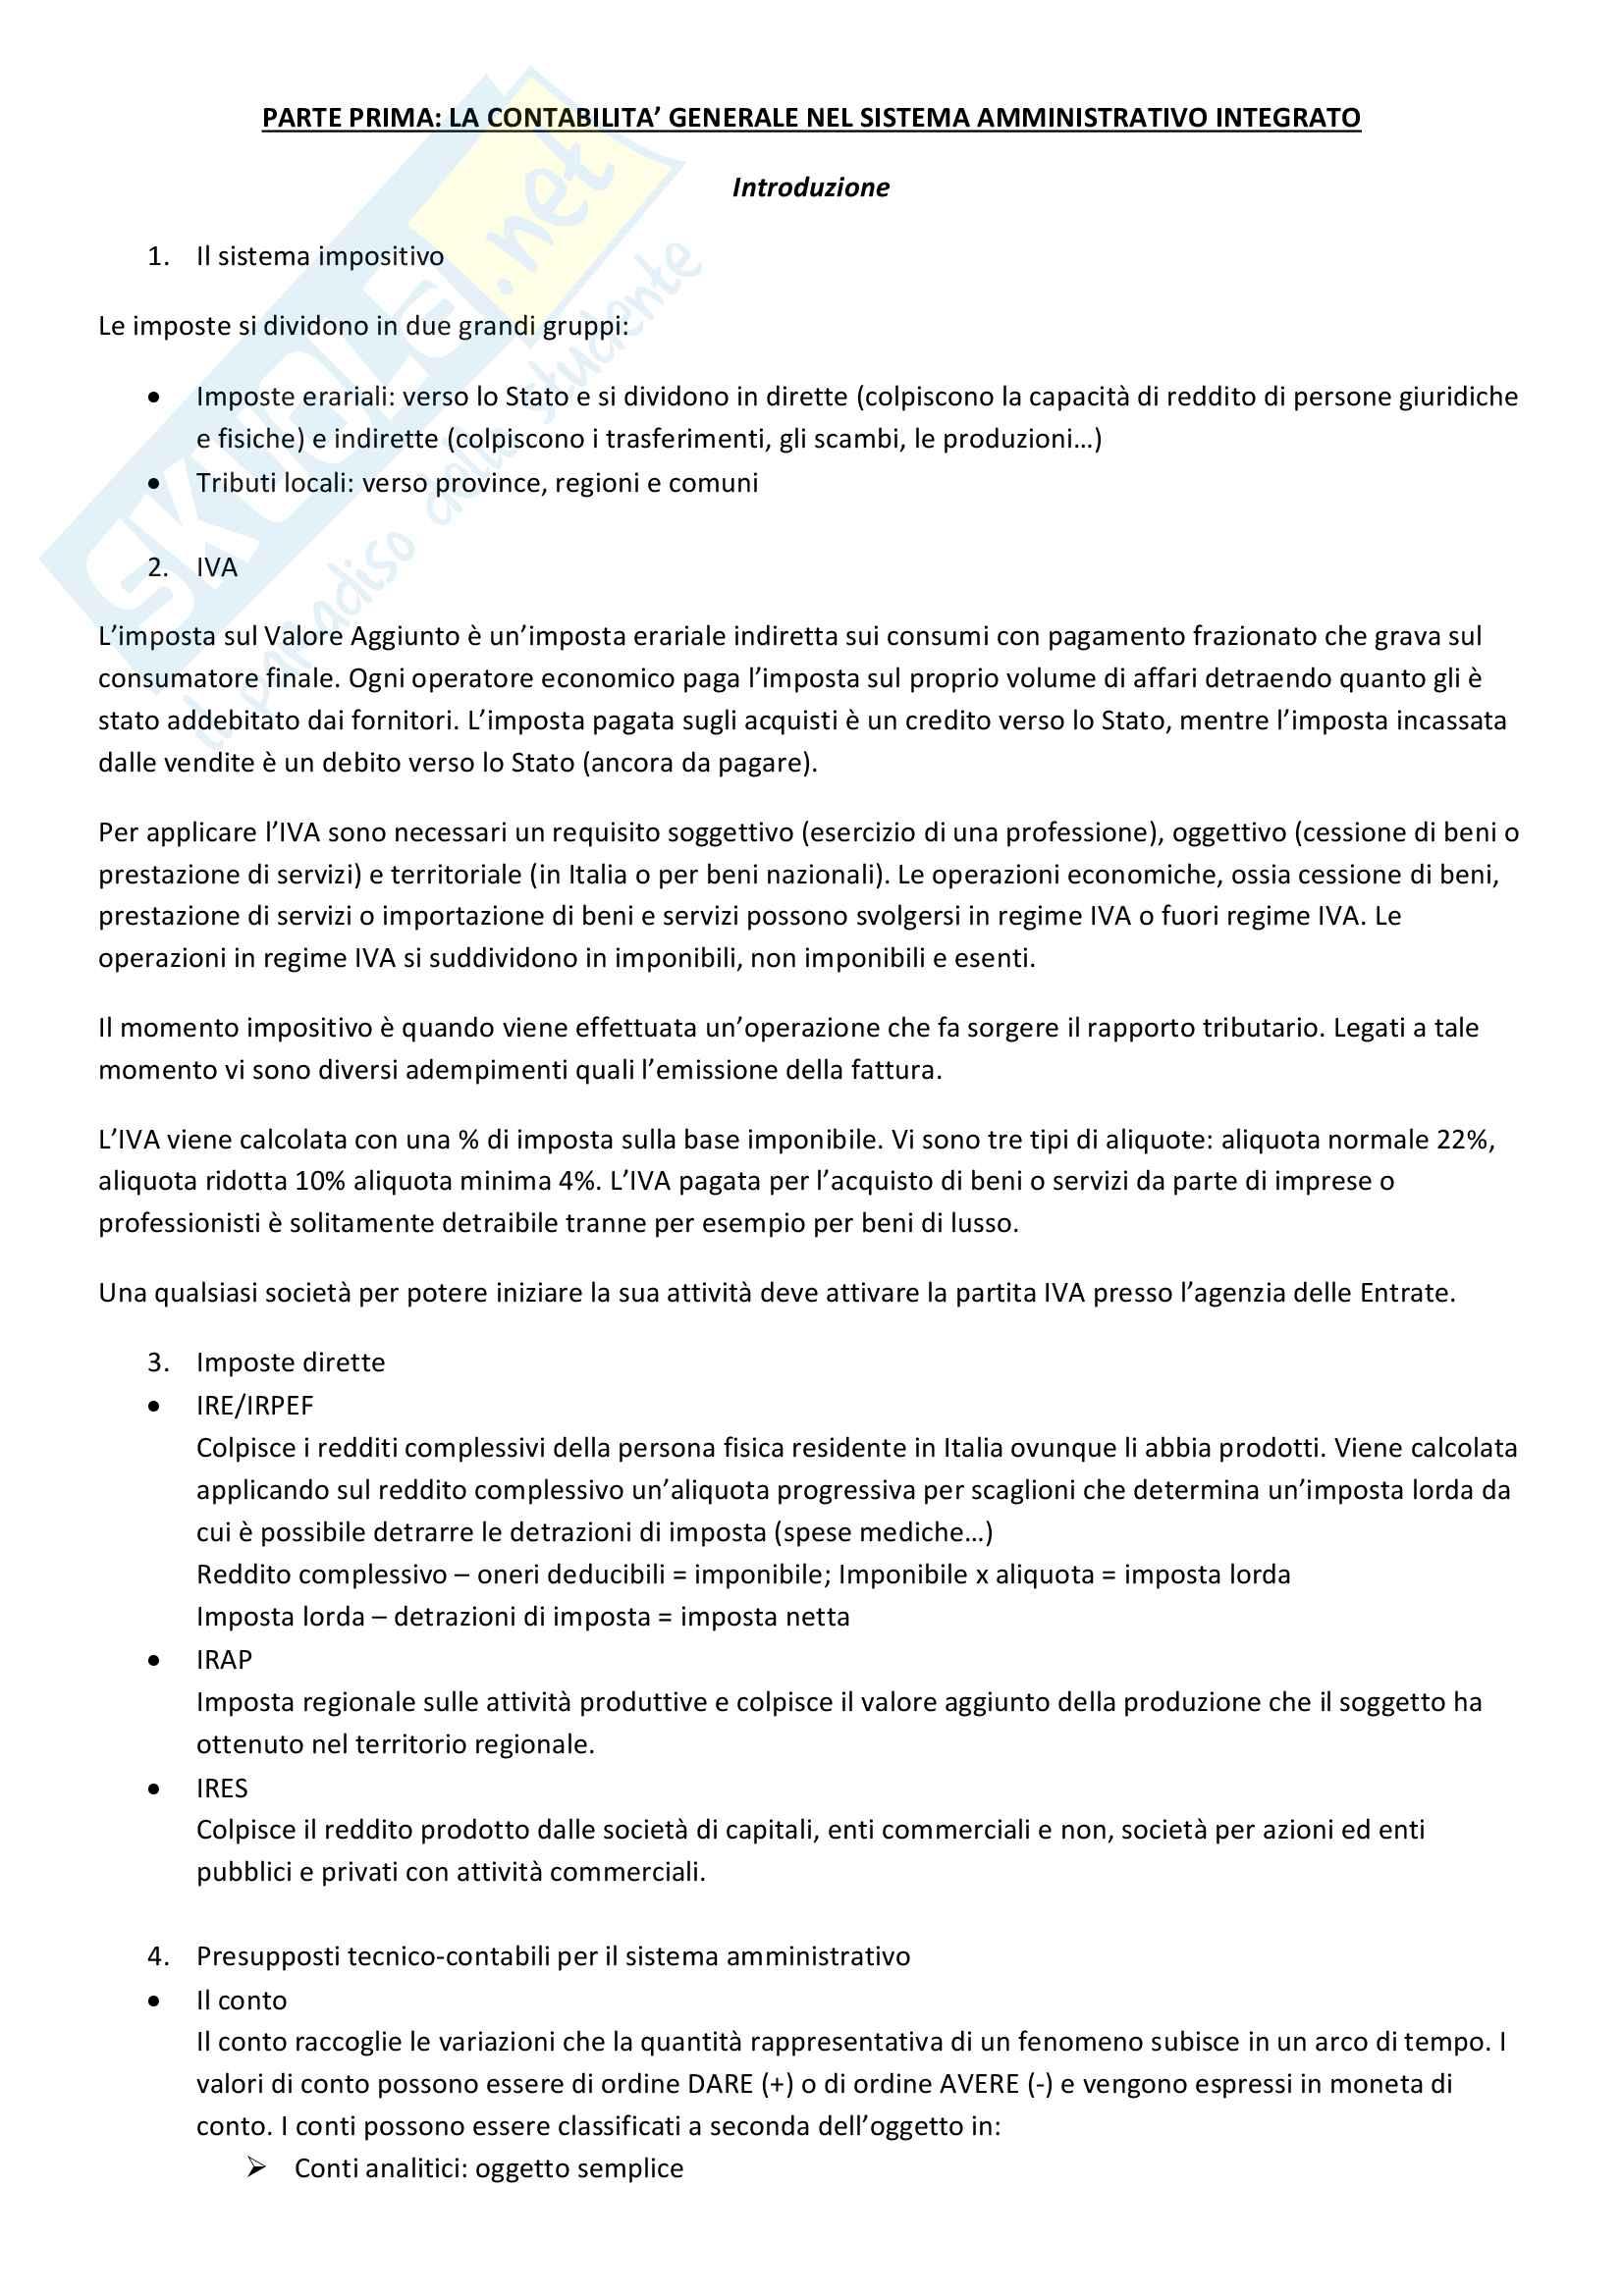 Elementi di Contabilità e Bilancio - Riassunto completo